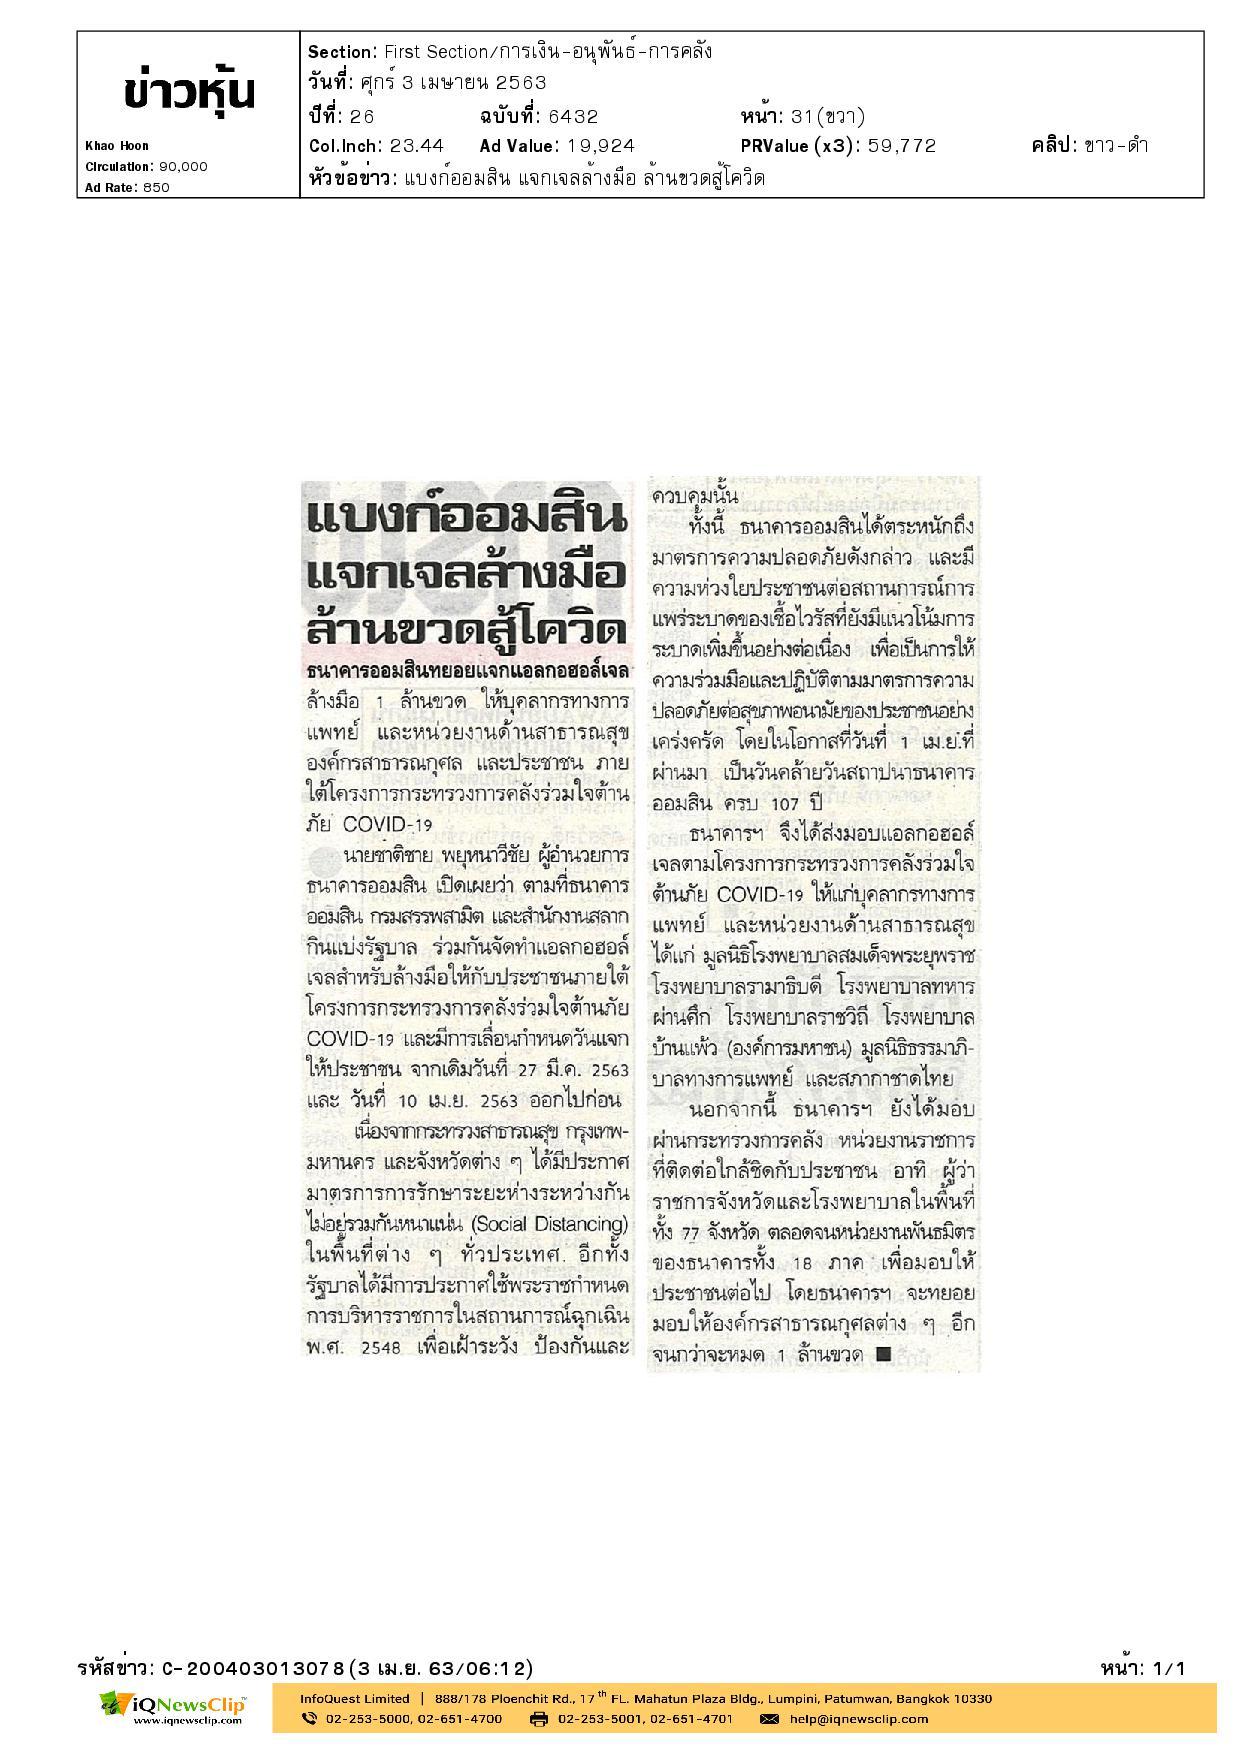 กระทรวงการคลังร่วมใจต้านภัยโควิด-19 แก่สภากาชาดไทย